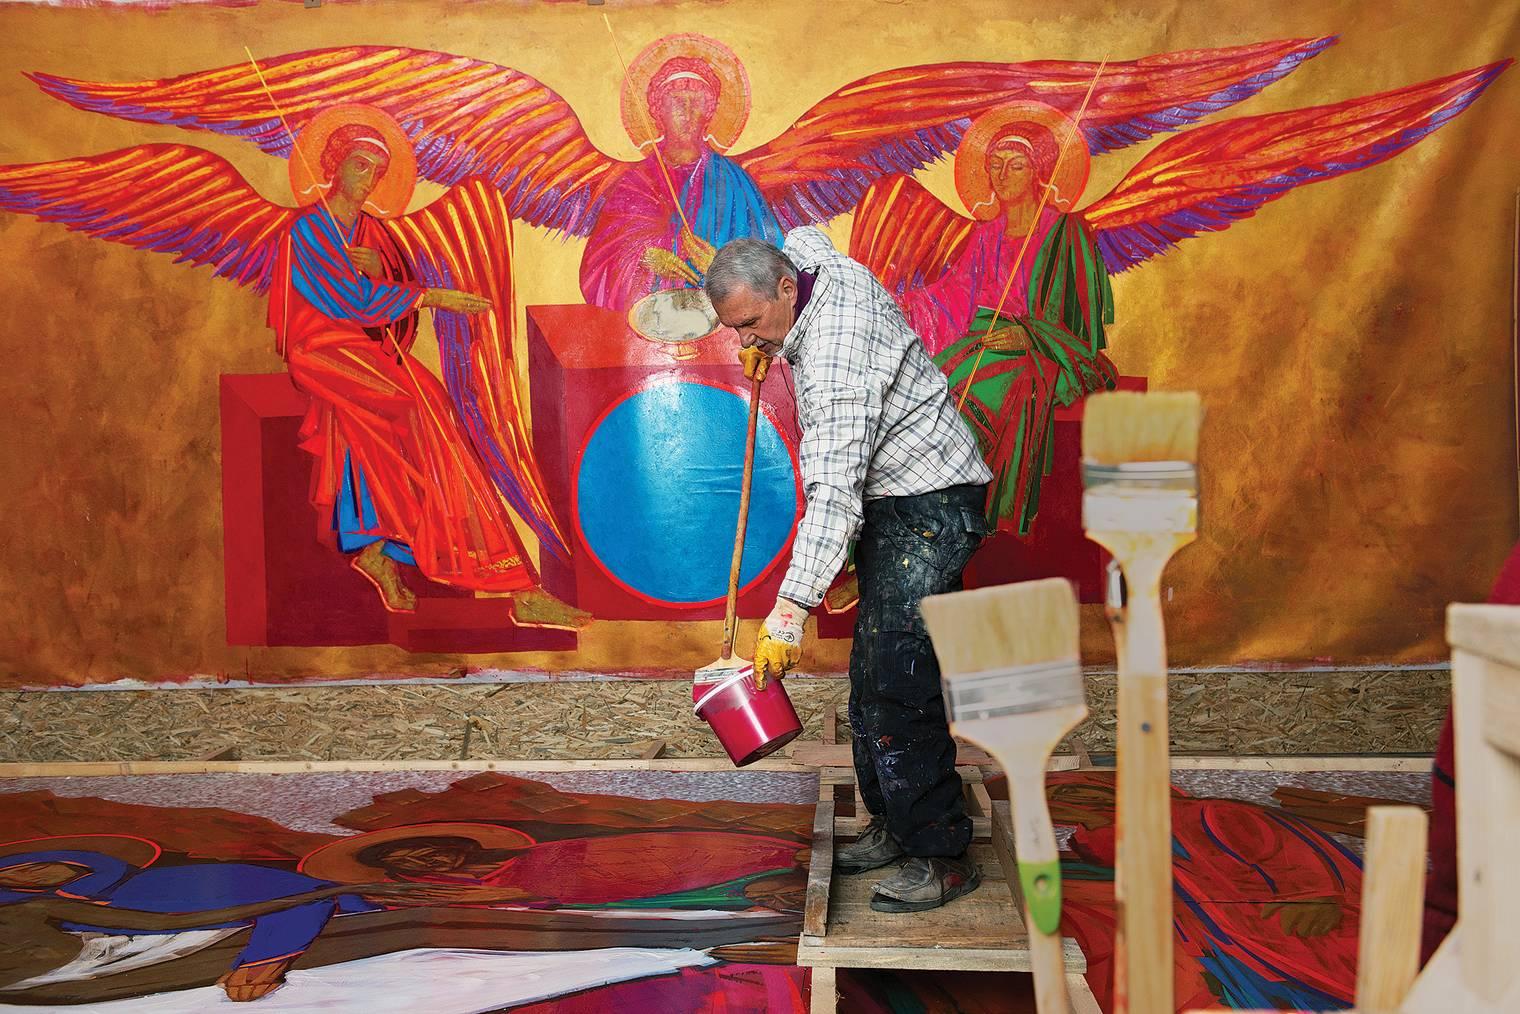 """Анатолий Криволап - художник, который """"мыслит красками"""", поэтому на него была возложена именно эта роль"""